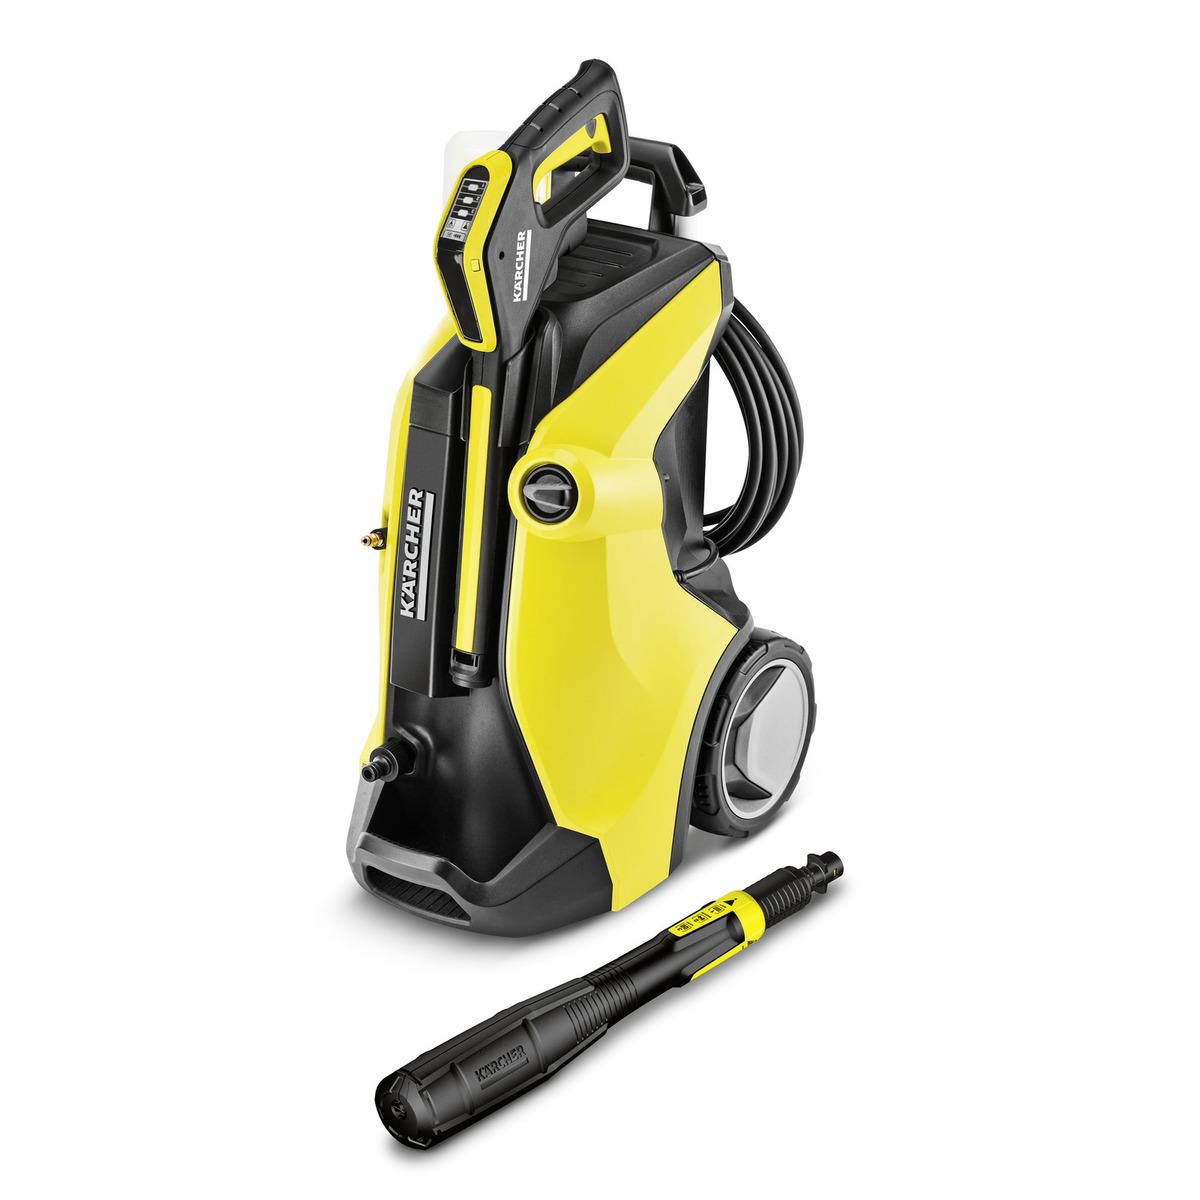 Karcher-K-7-Full-Control-Plus-Karcher-mašina-za-pranje-pod-visokim-pritiskom-Karcher